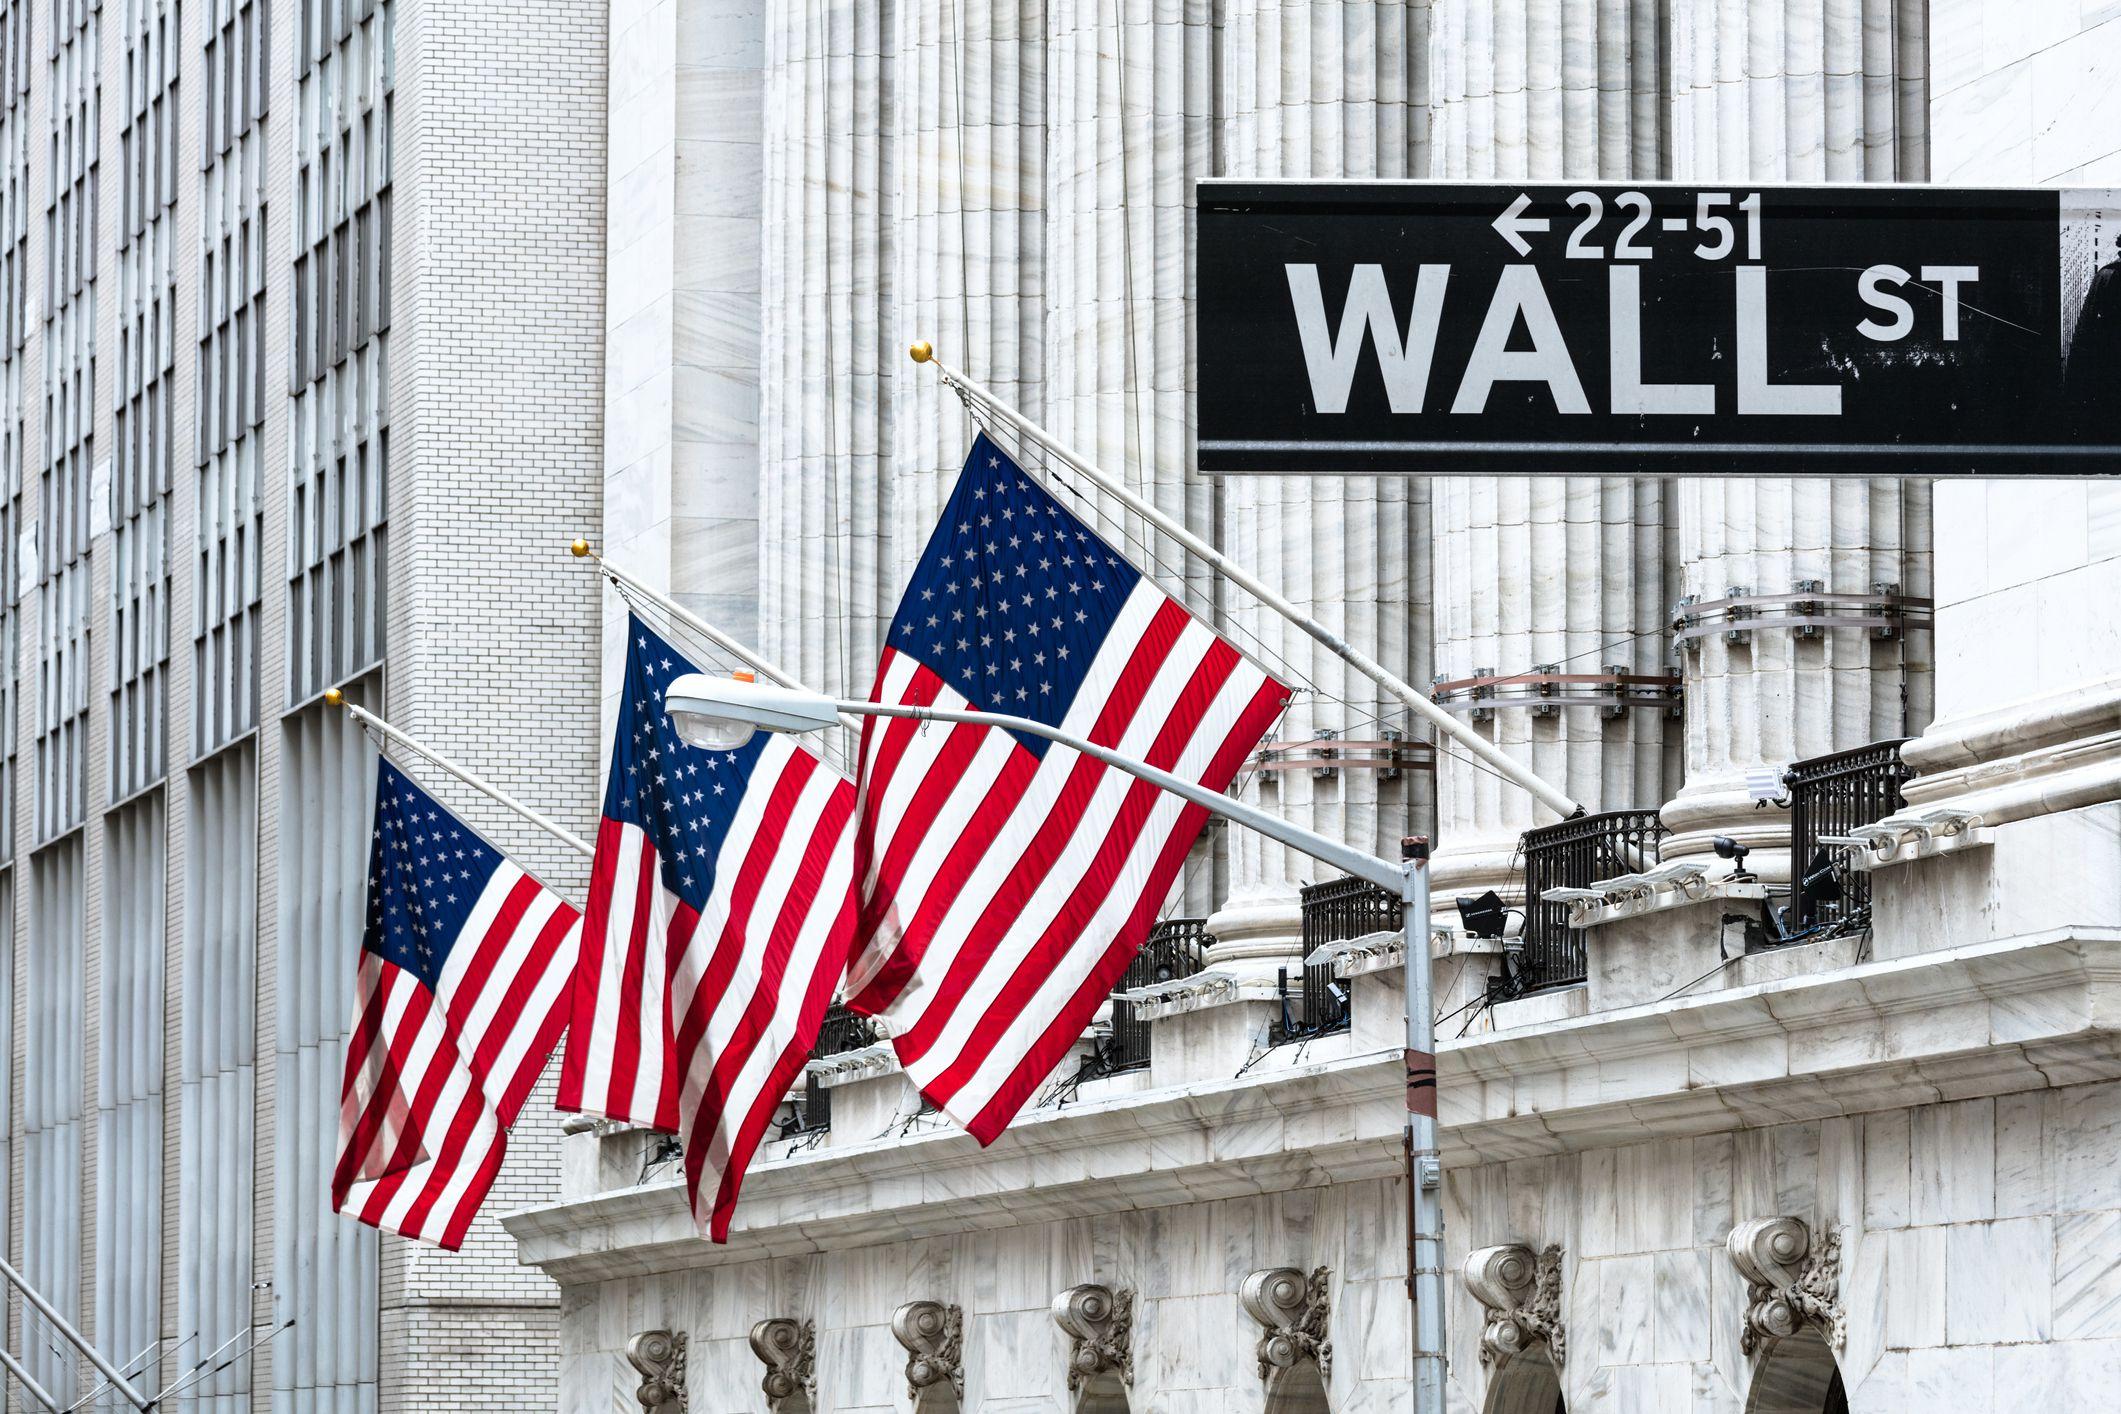 8月12日全球股市行情 标普道指再涨 纳指又跌 美元及美债收益率盘中跳水 原油惊险收涨